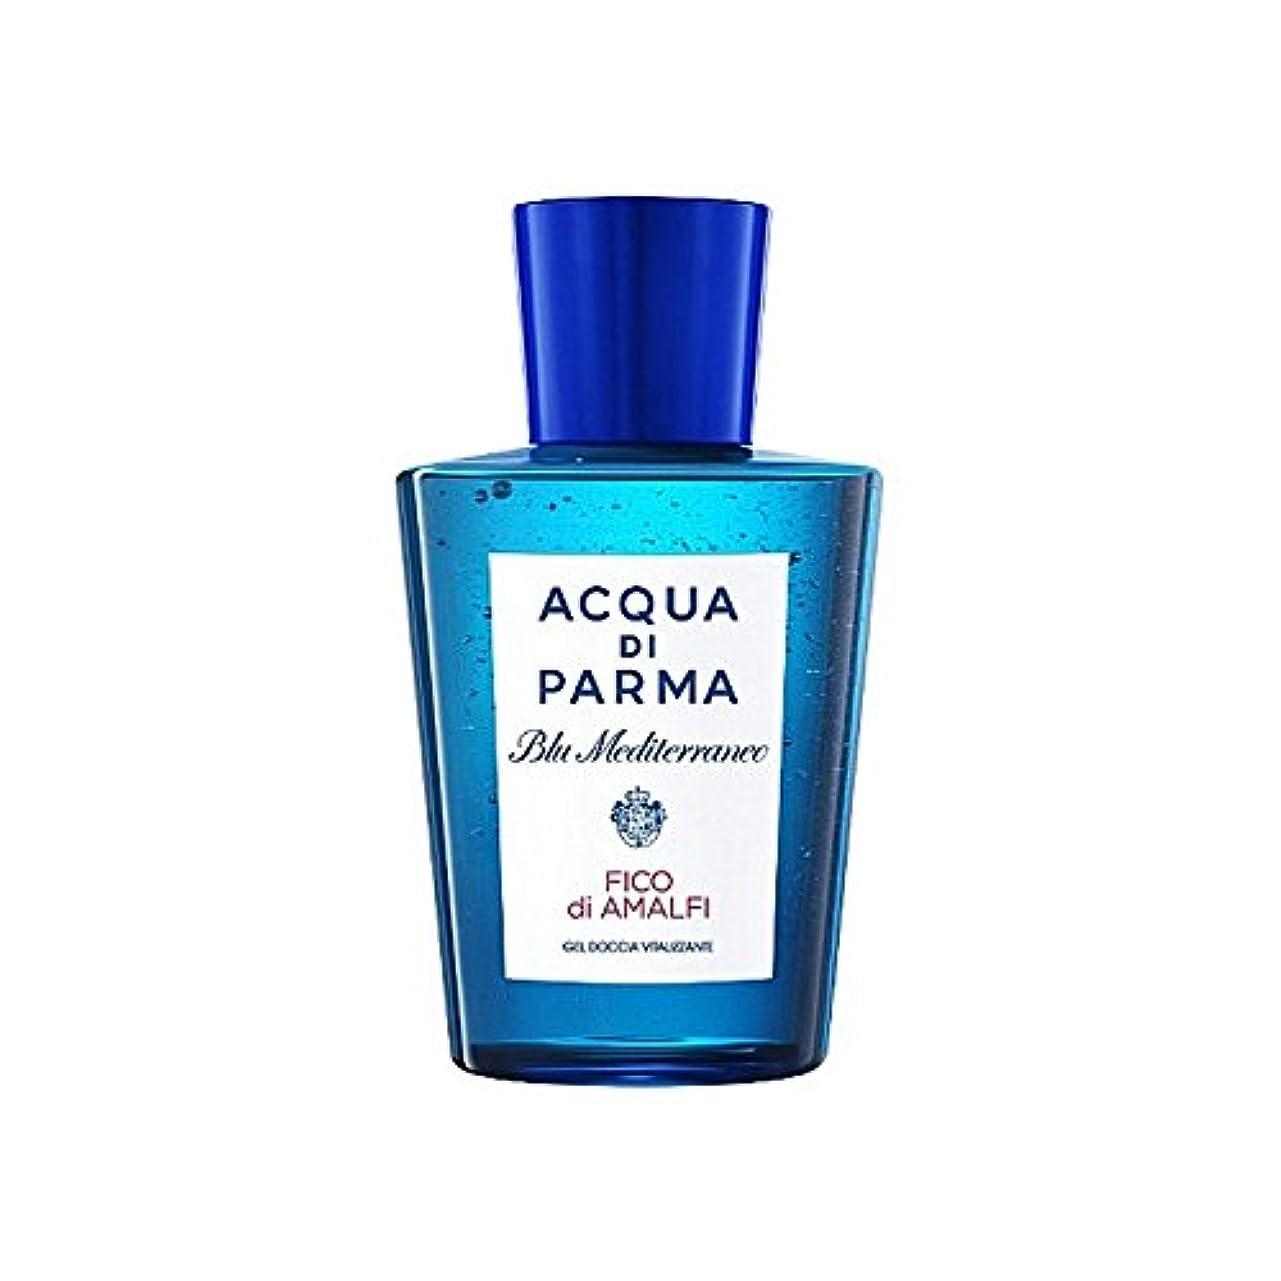 Acqua Di Parma Blu Mediterraneo Fico Di Amalfi Shower Gel 200ml - アクアディパルマブルーメディジアマルフィシャワージェル200 [並行輸入品]